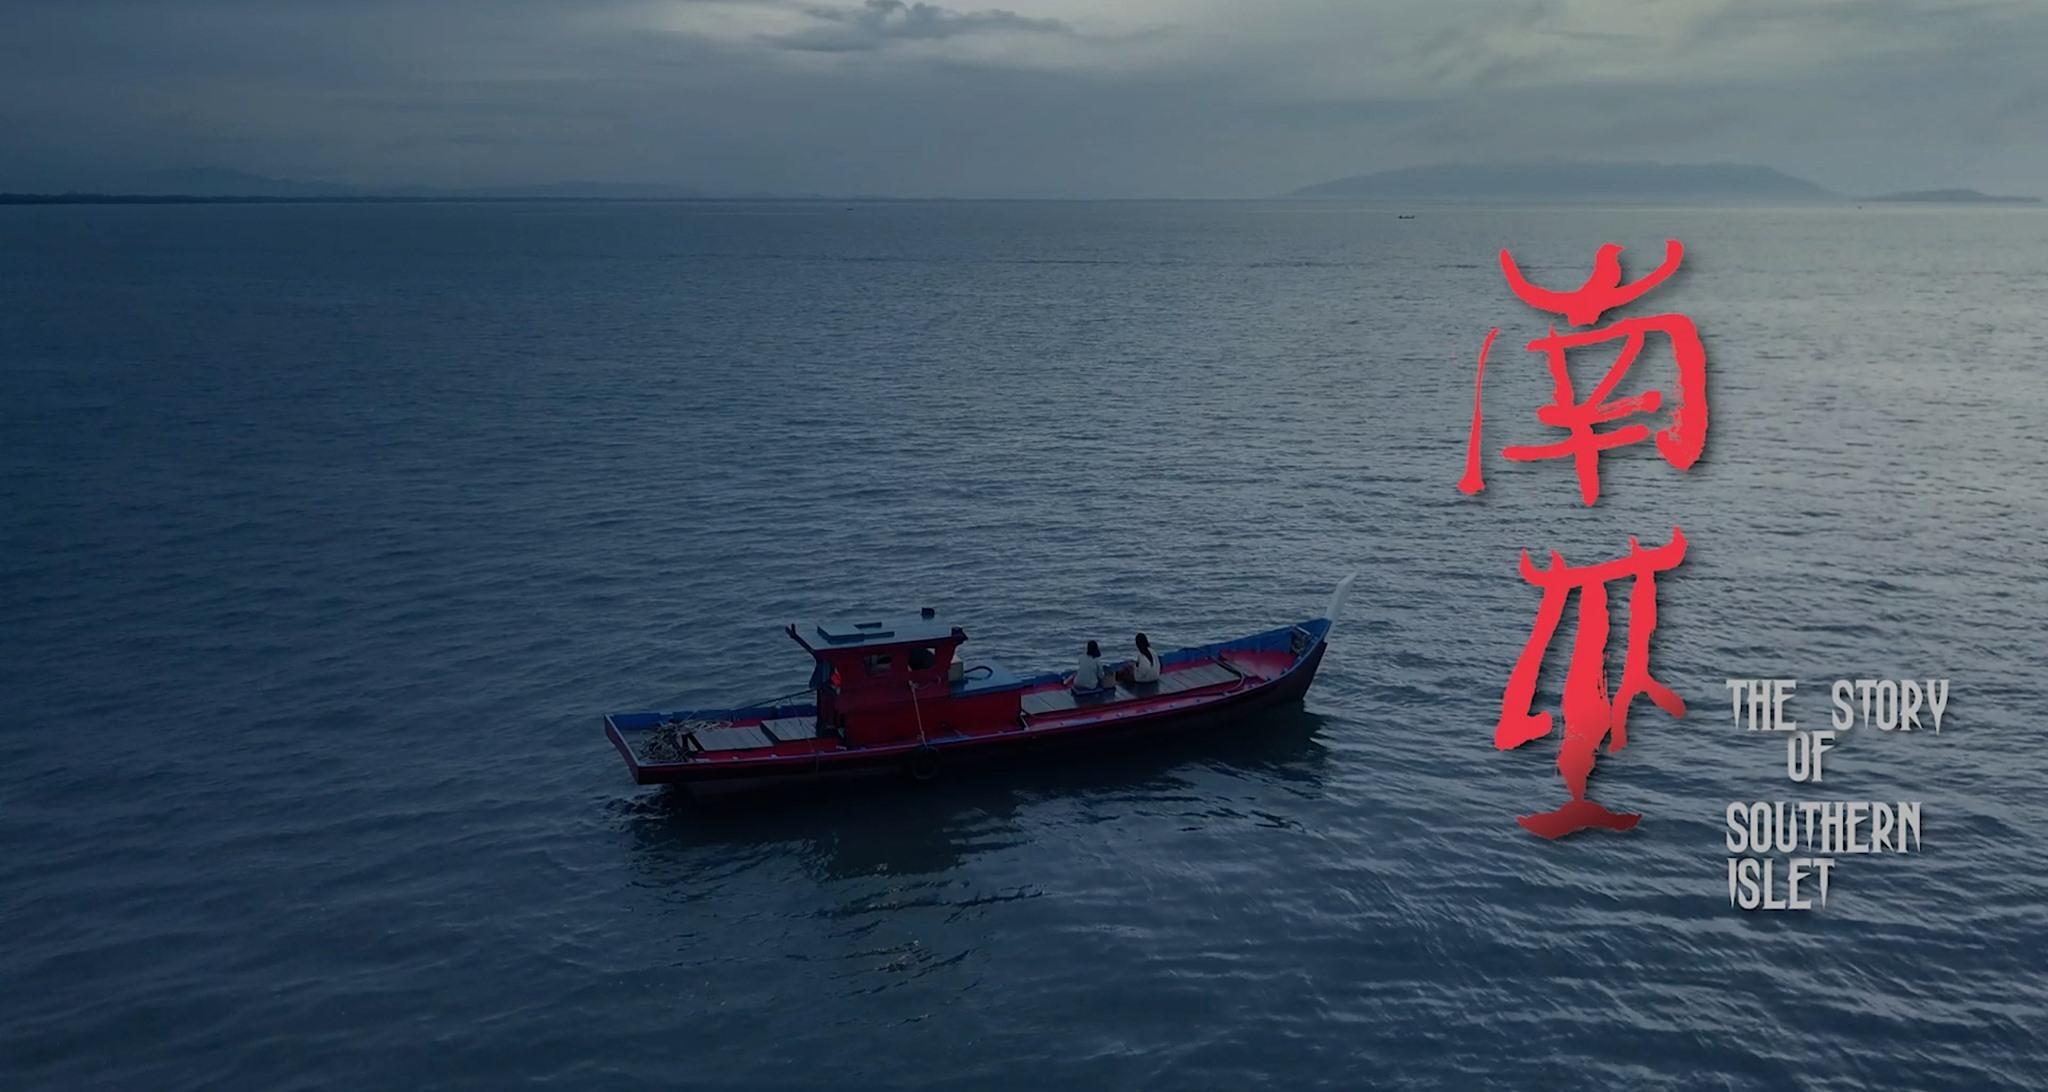 二零二一年亚洲地区四大恐怖电影:《南巫》《灵媒》《哭悲》《咒》